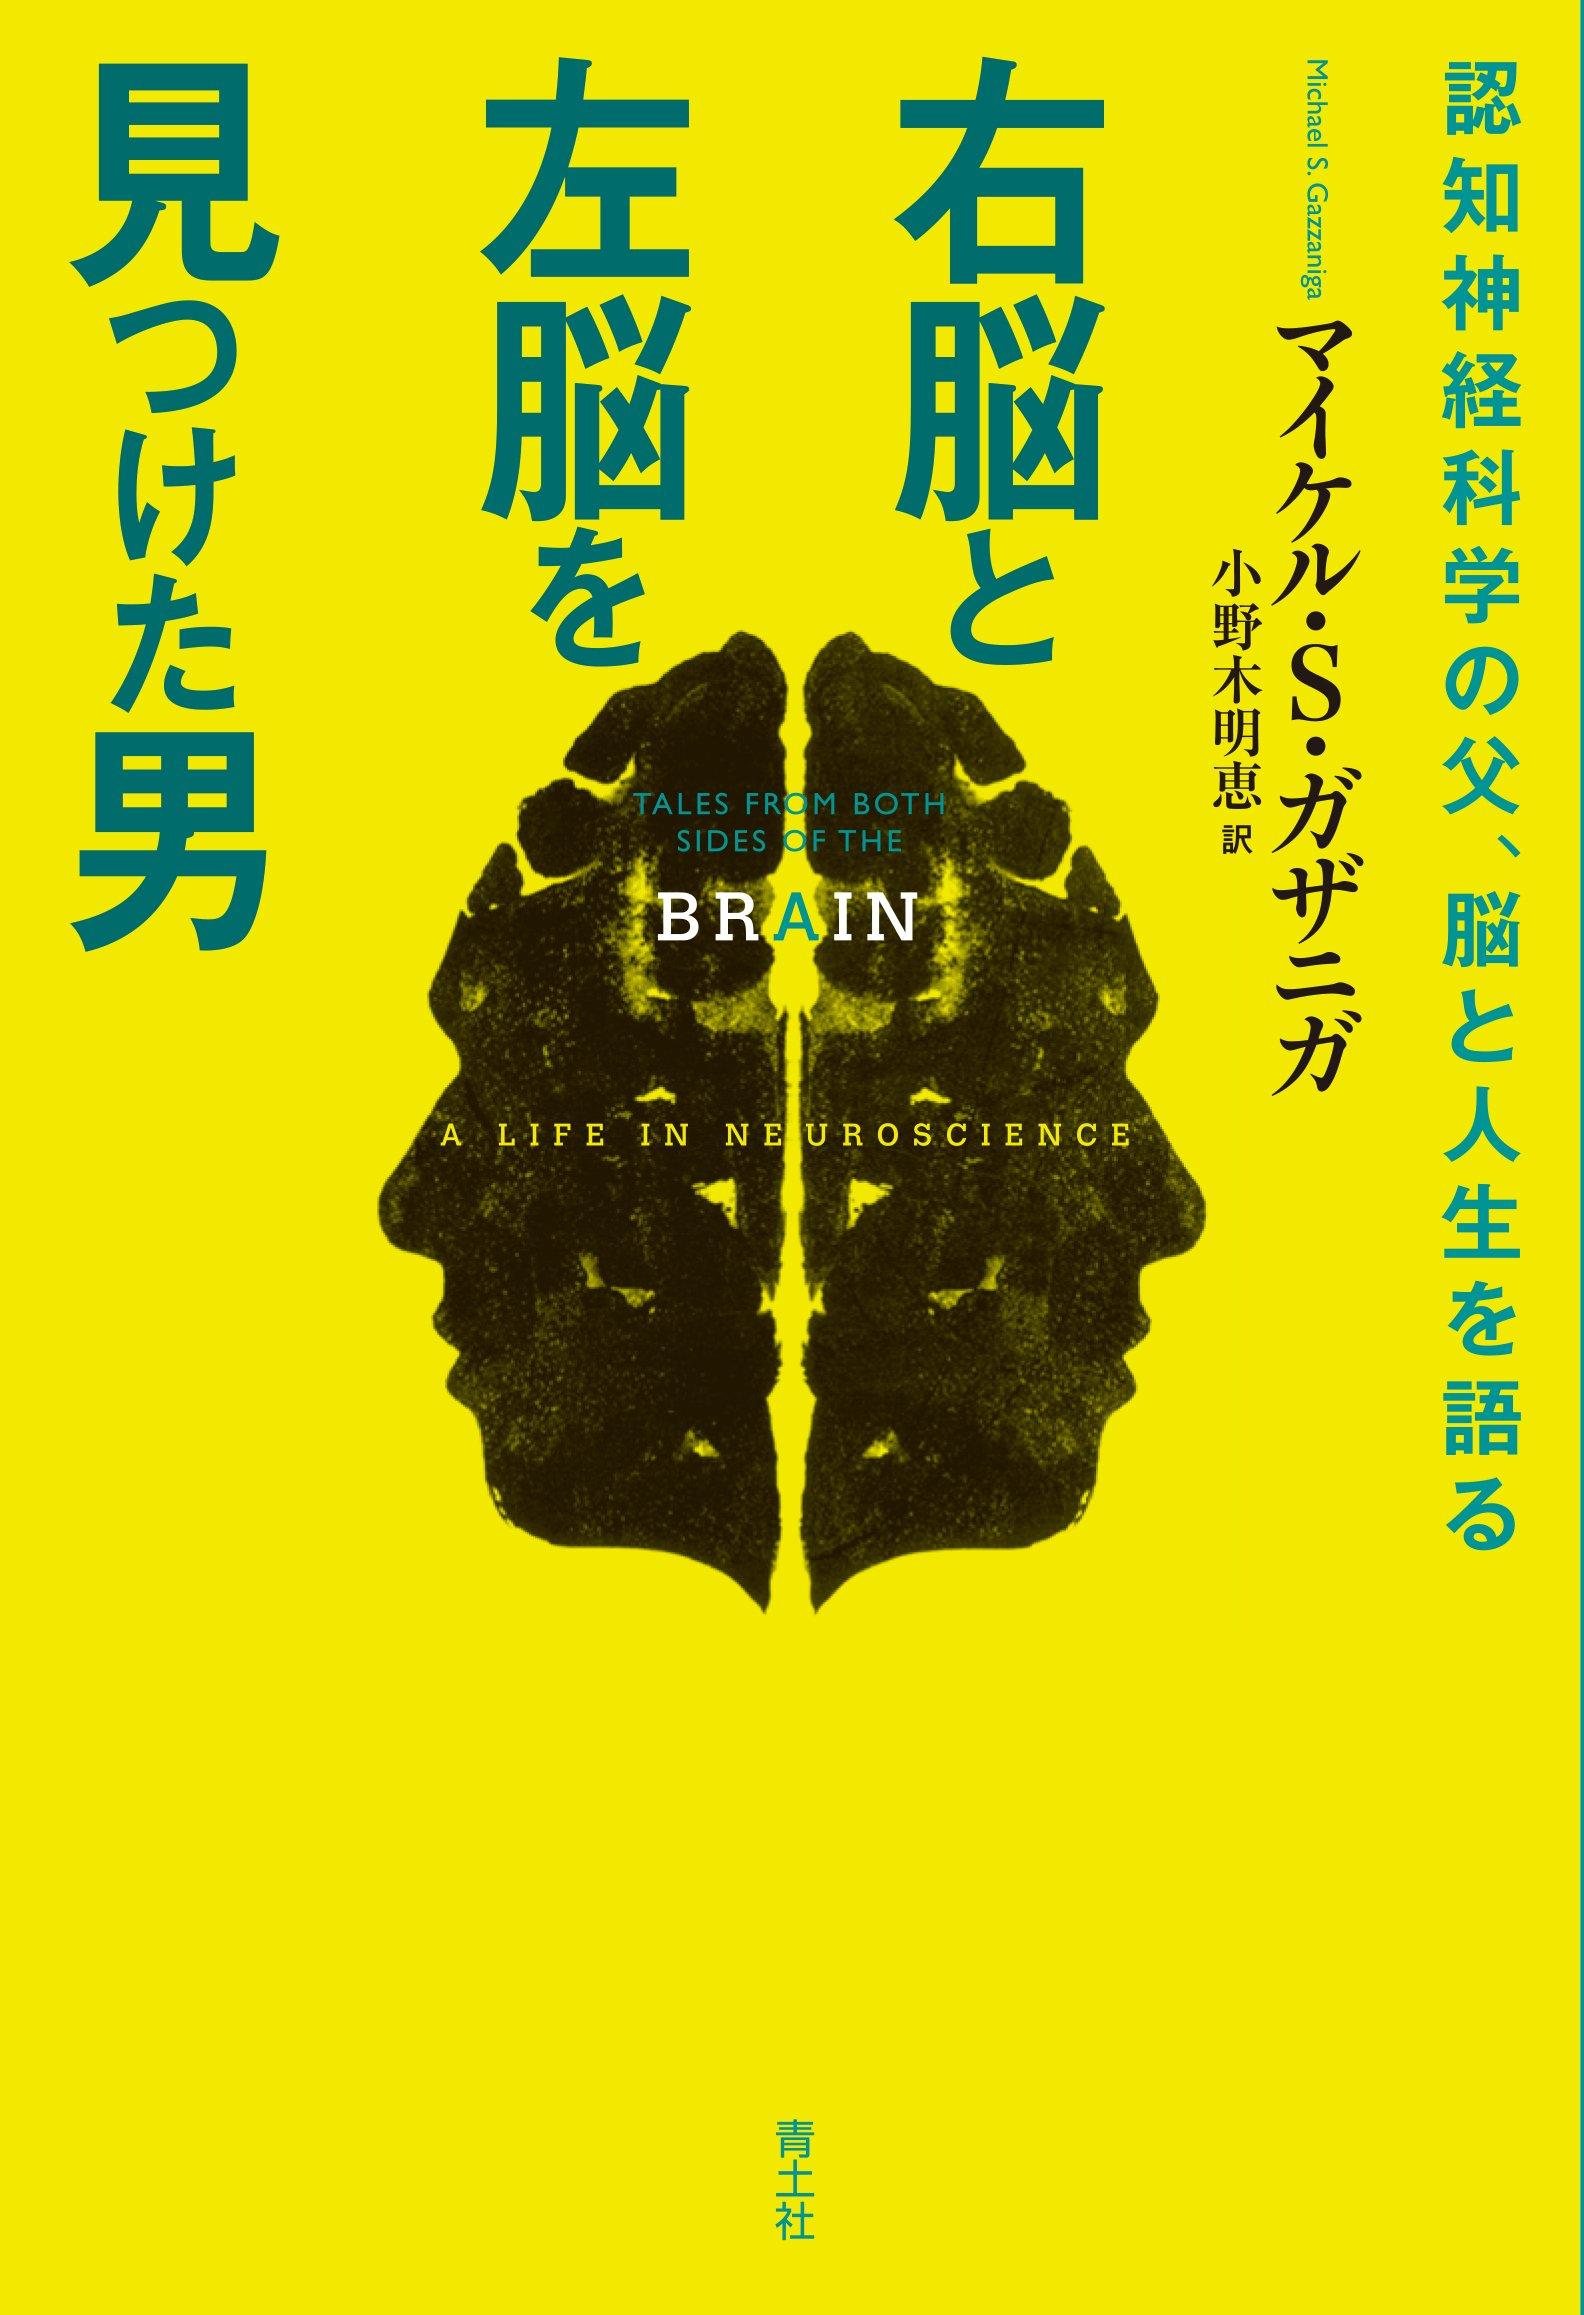 役割 右脳 左脳 右脳派の性格の特徴5選!左脳派との違いや天才な人間のタイプに役割も